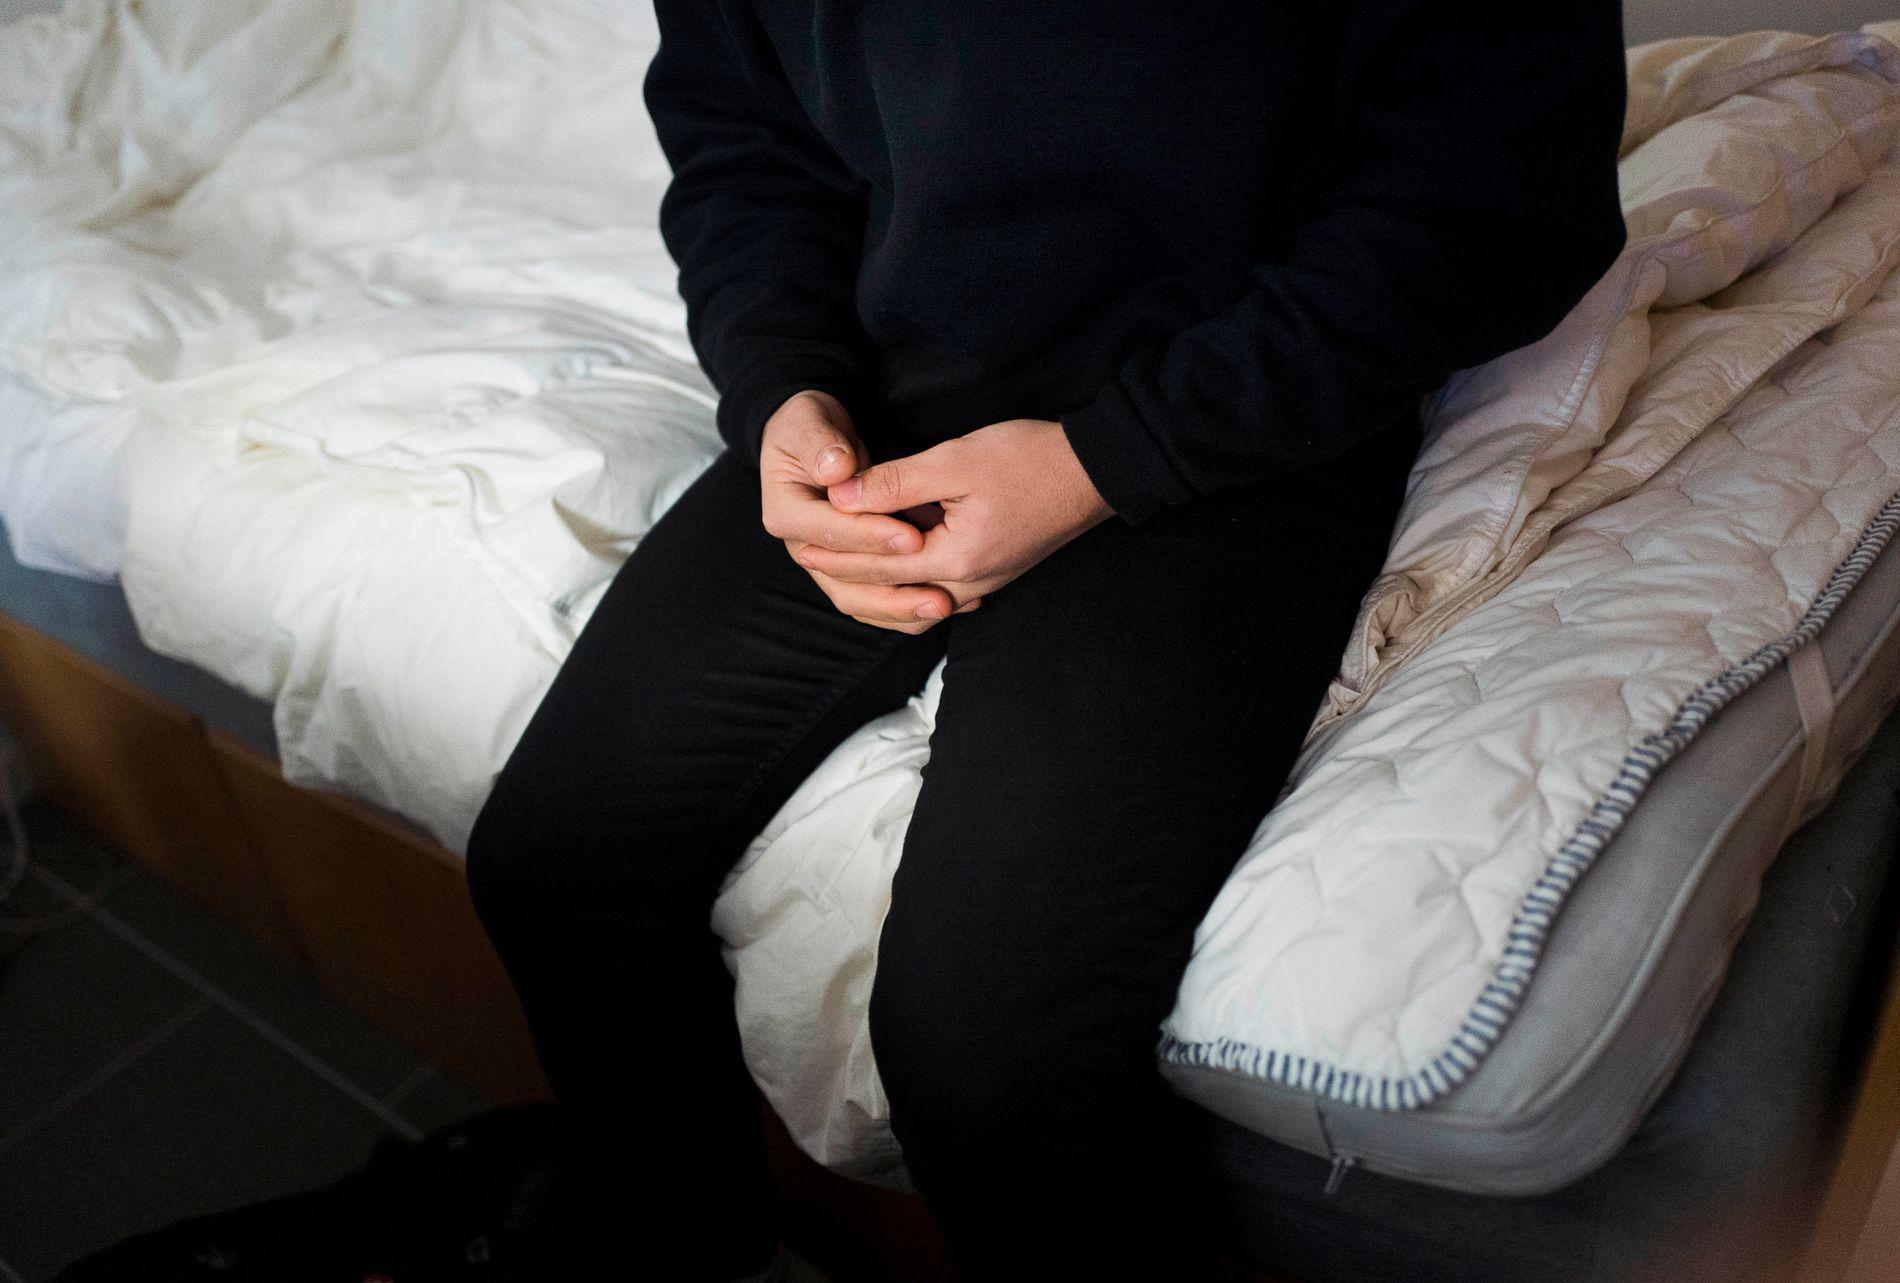 UTSATT: VG har dokumentert og fortalt historiene til flere mannlige asylsøkere som utsettes for sexpress.